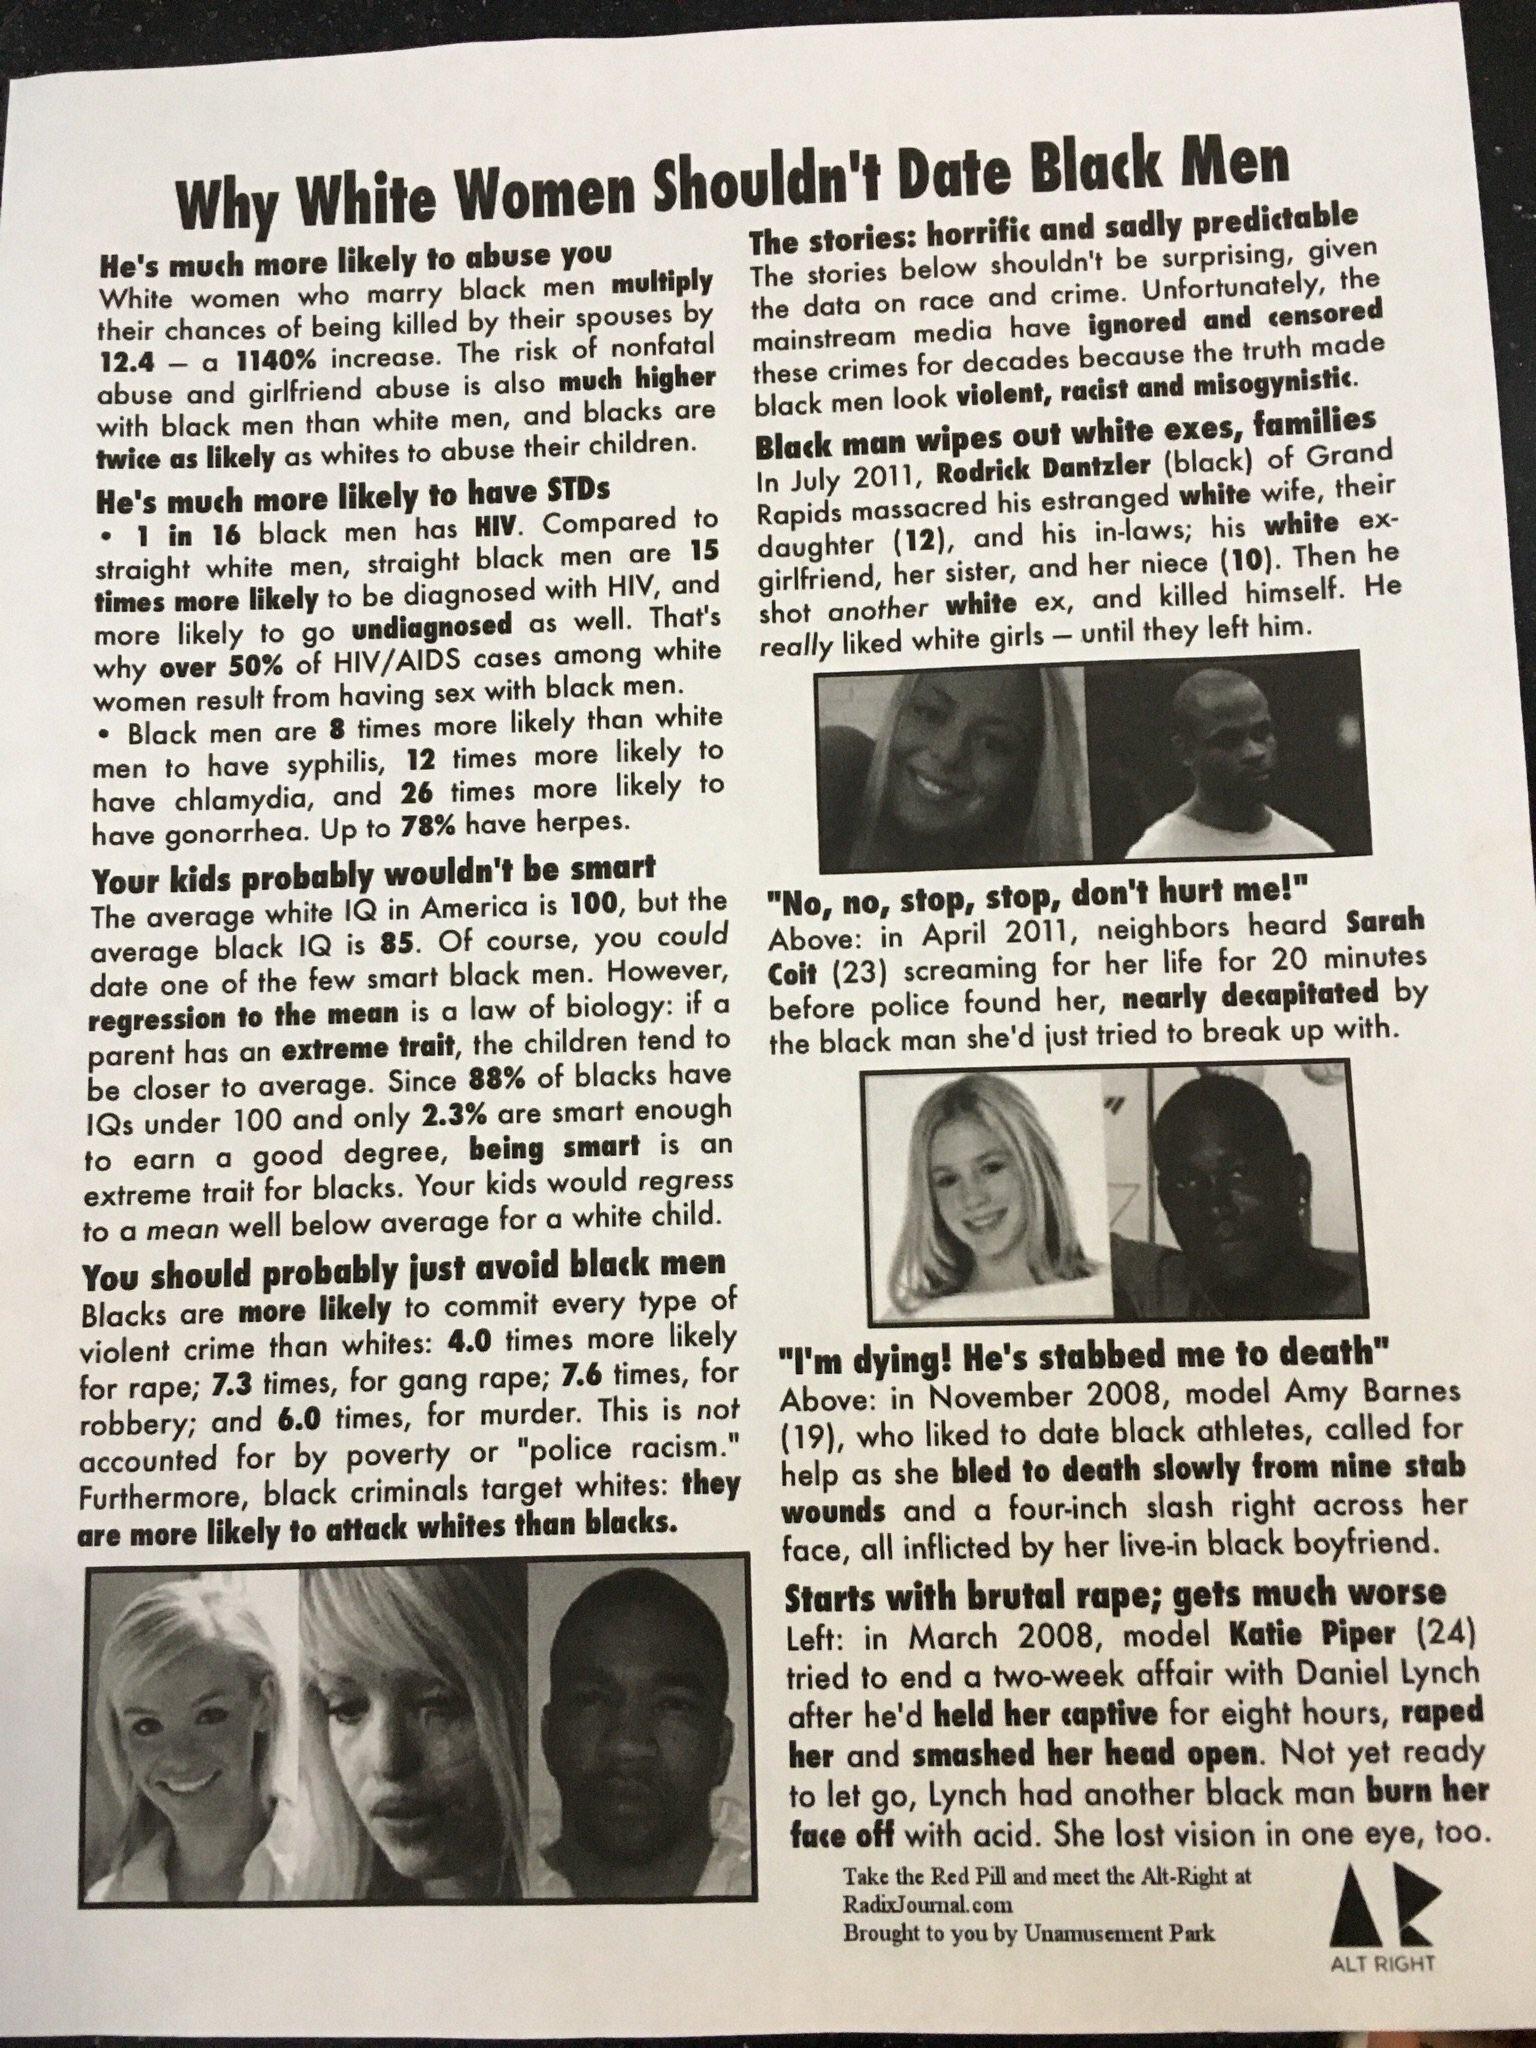 Black girl dating white guy stories